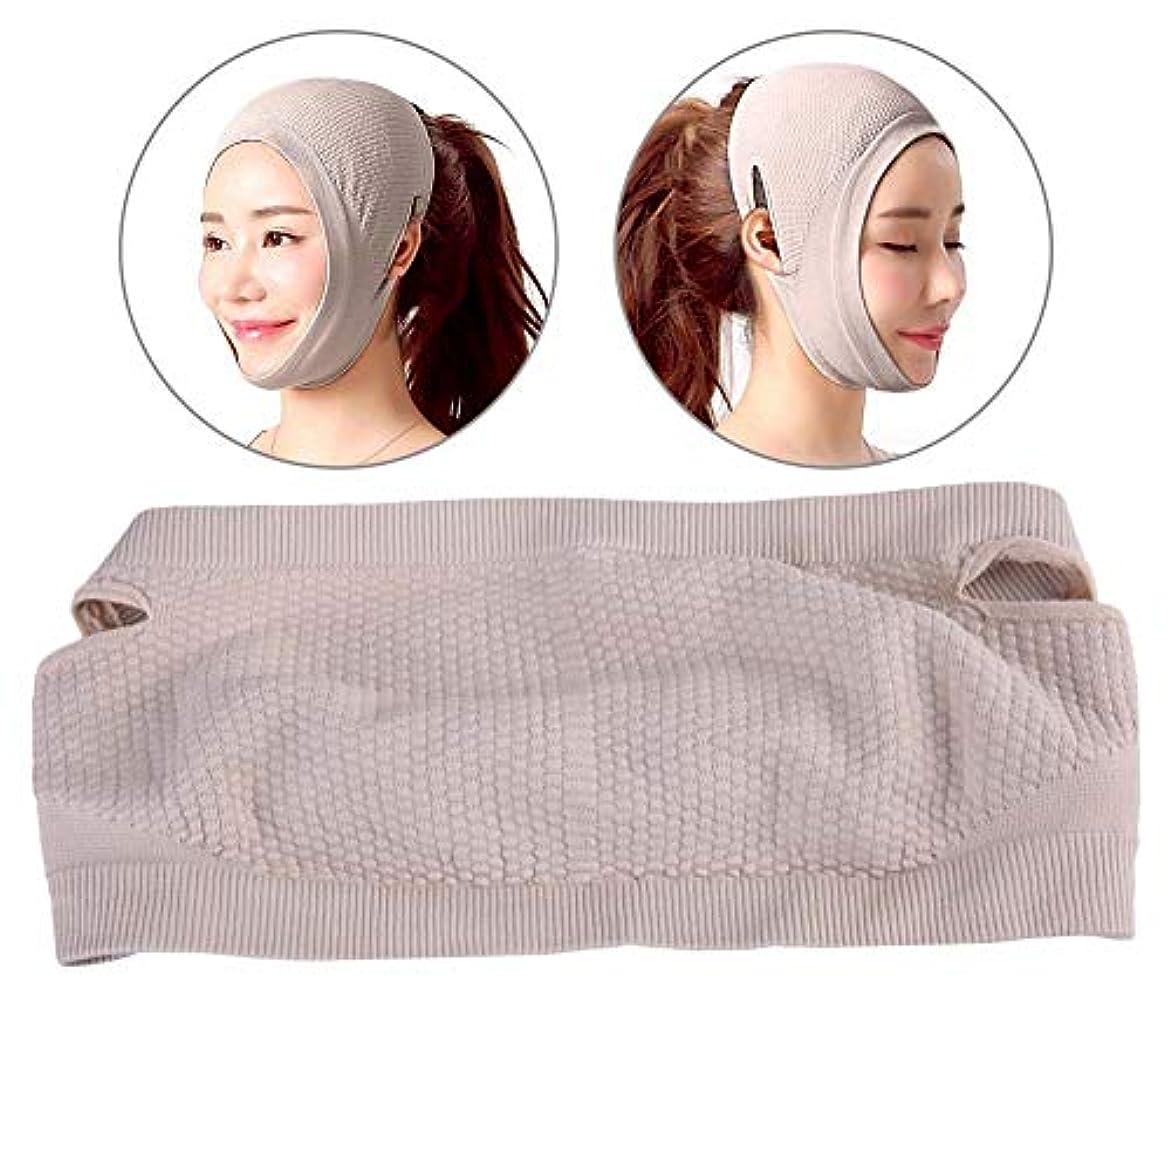 デッキ前書き急行する顔の輪郭を改善するVフェイス美容包帯 フェイシャルリフティングマスク、露出耳のデザイン/通気性/伸縮性/副作用なし